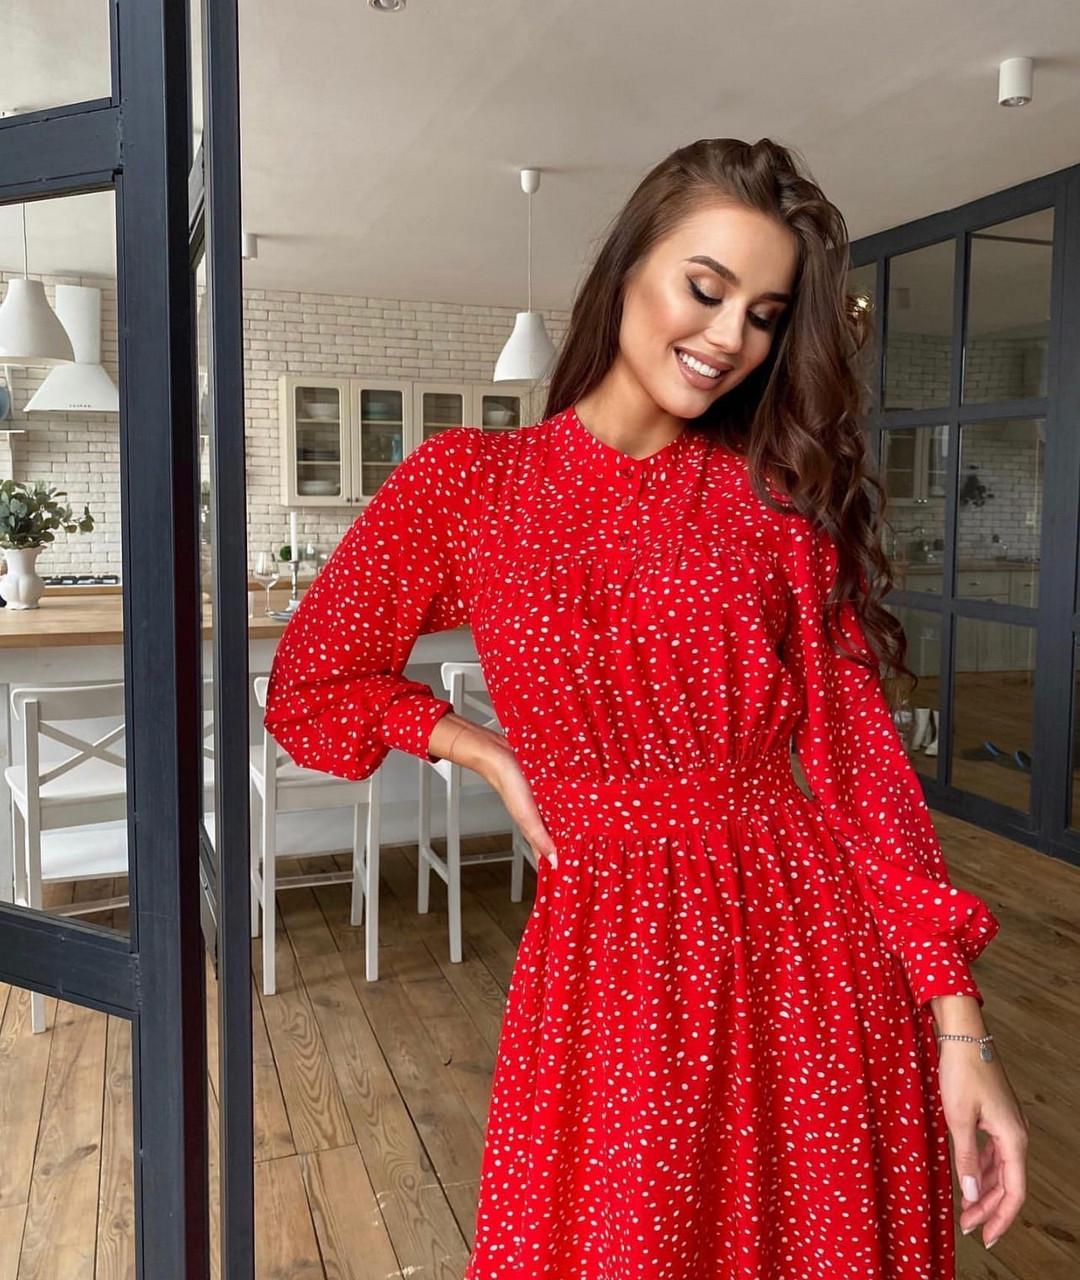 Трендовое платье с асимметричной юбкой весна лето 2021, 00627 (Красный), Размер 44 (M)